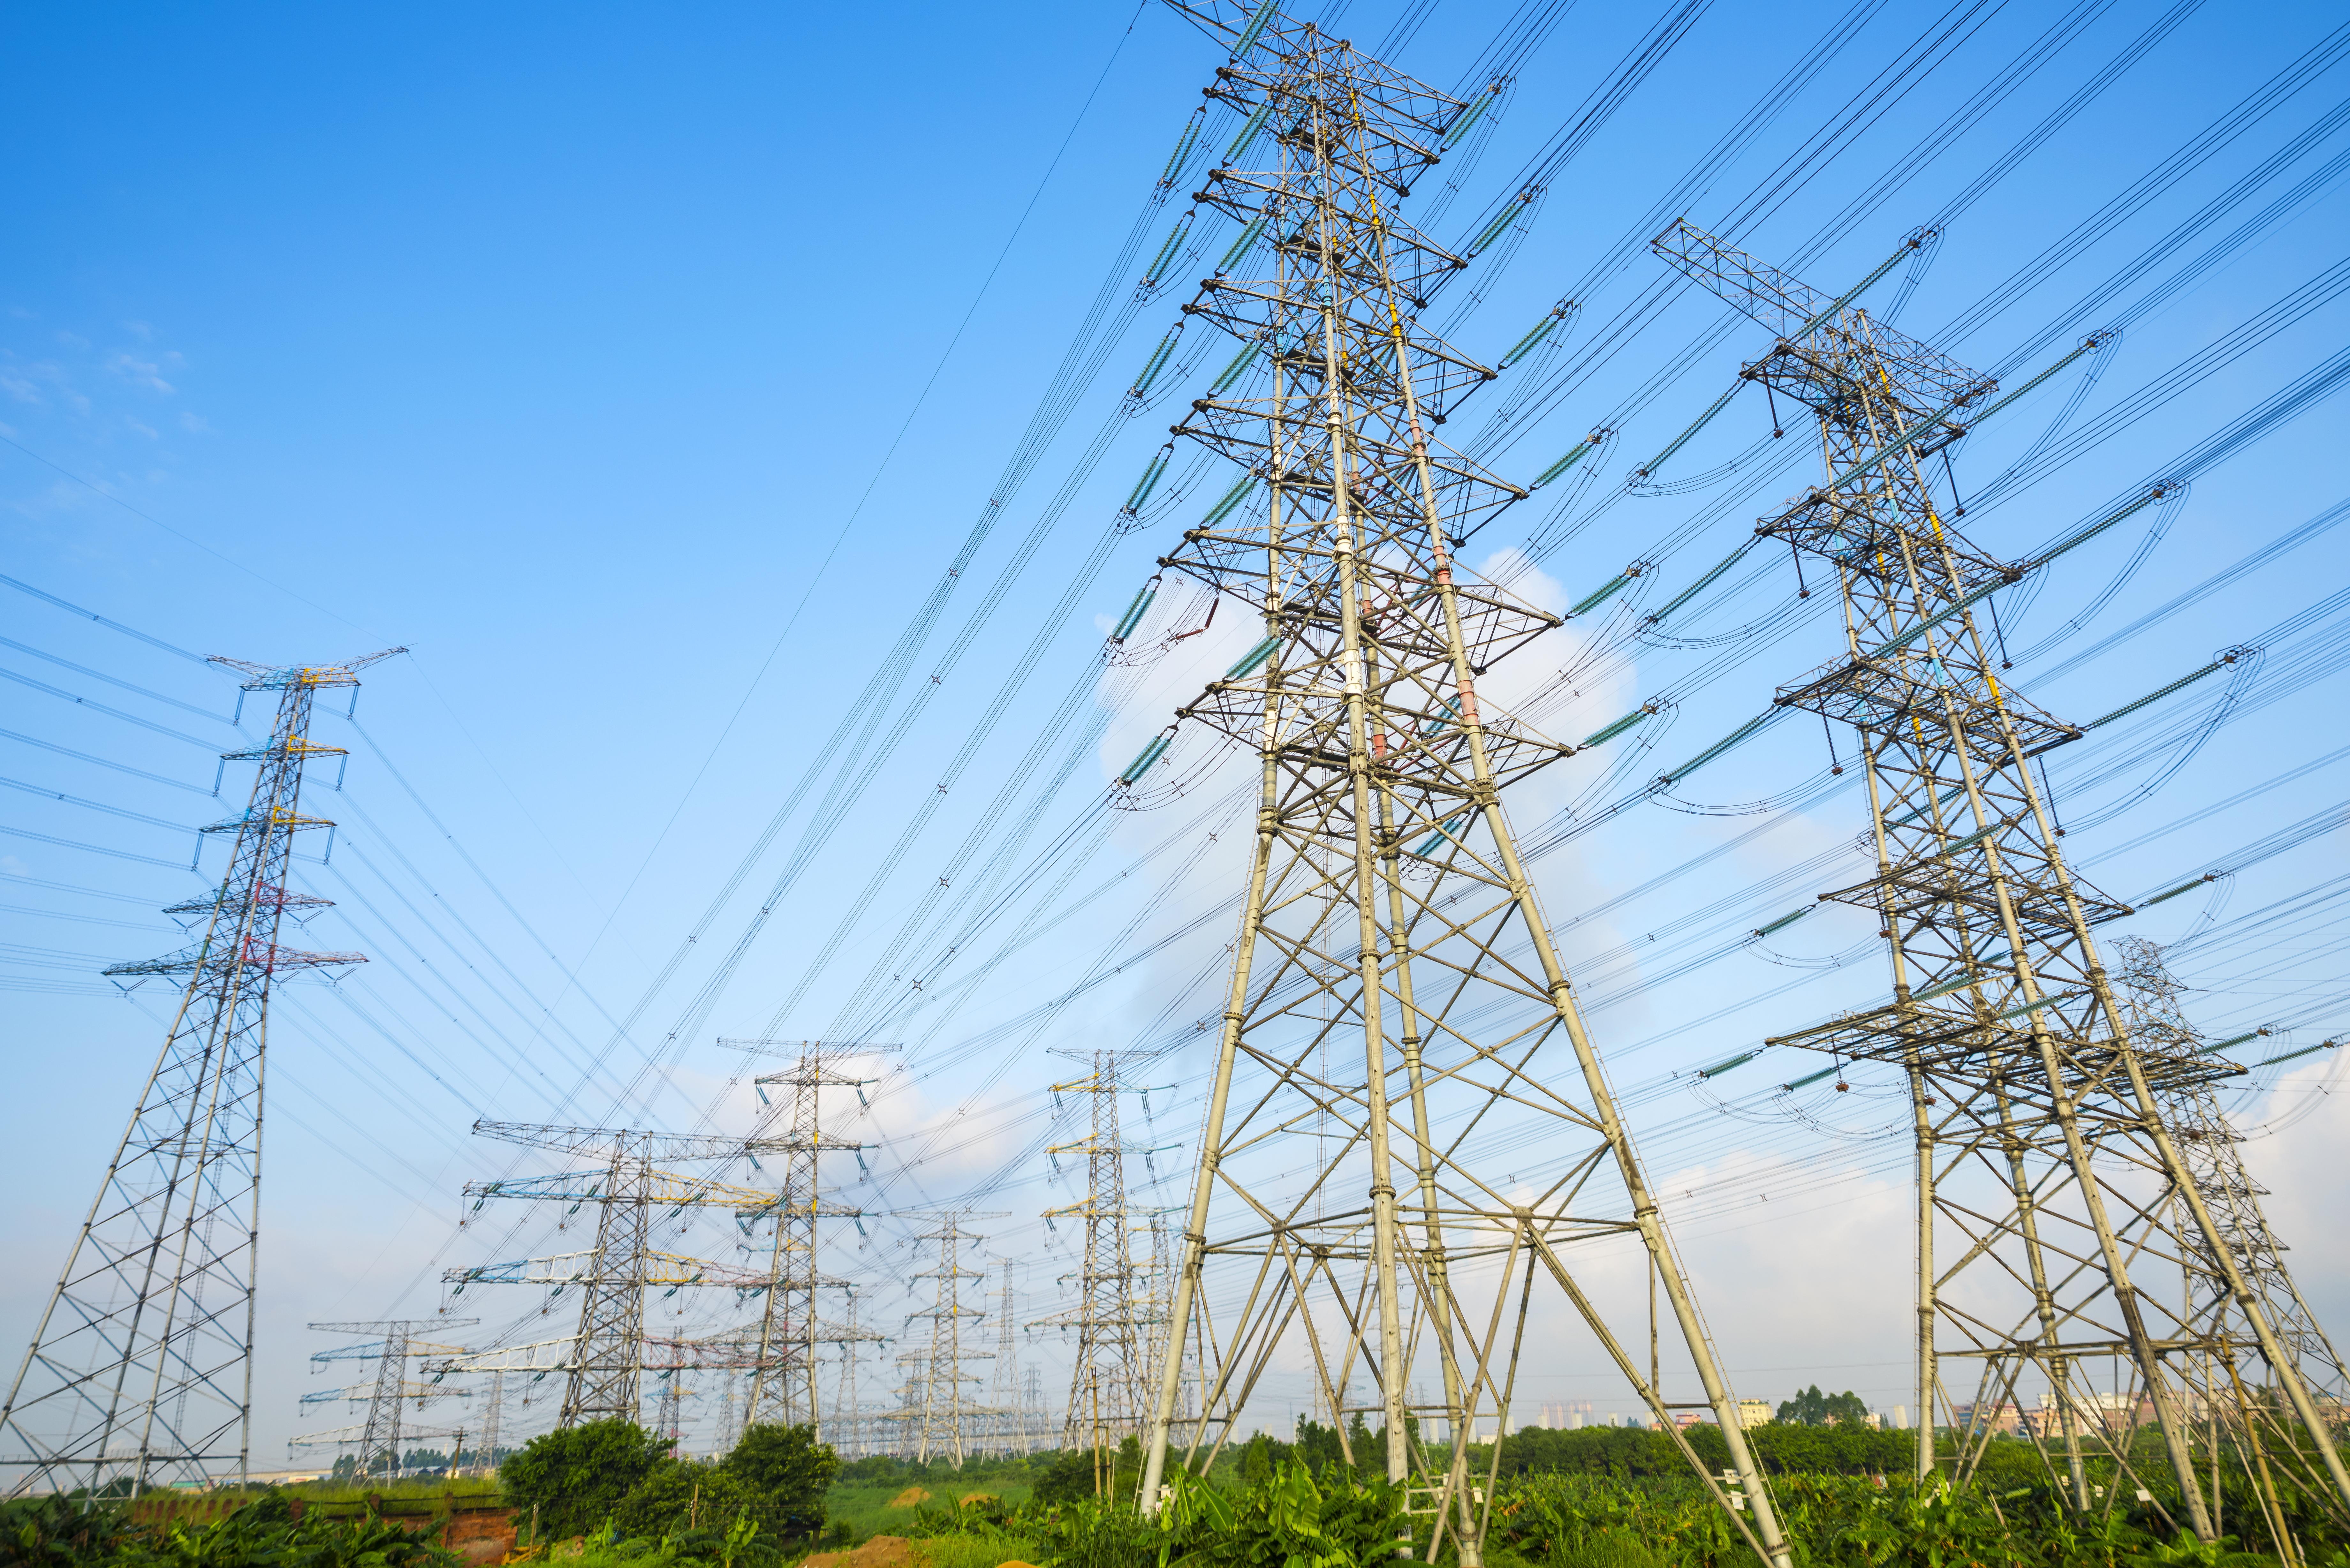 Za loňský rok stoupla spotřeba ivýroba elektřiny vČesku. Export a import naopak klesly